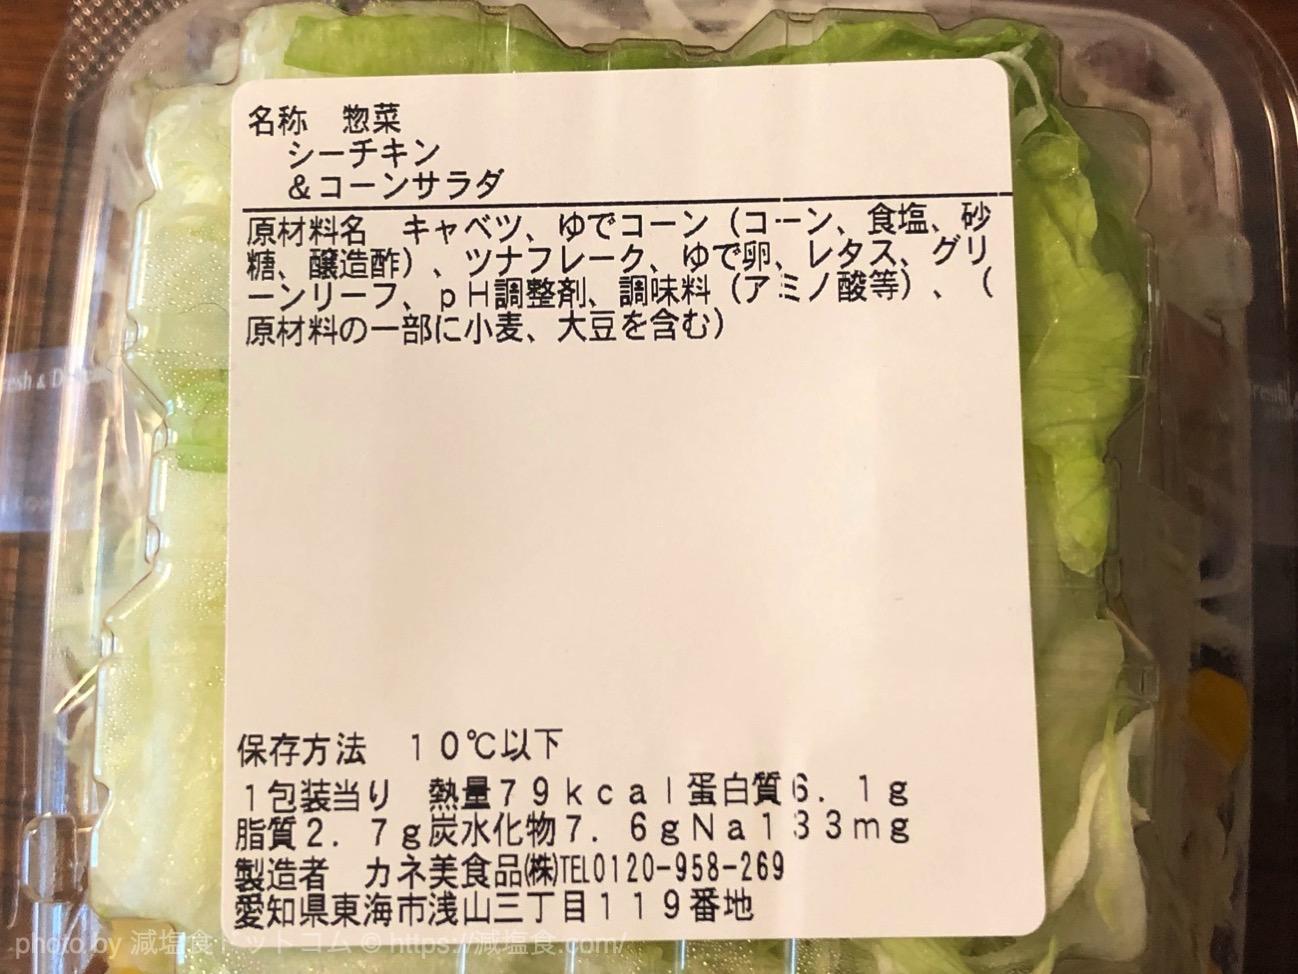 ファミマ サラダ 塩分